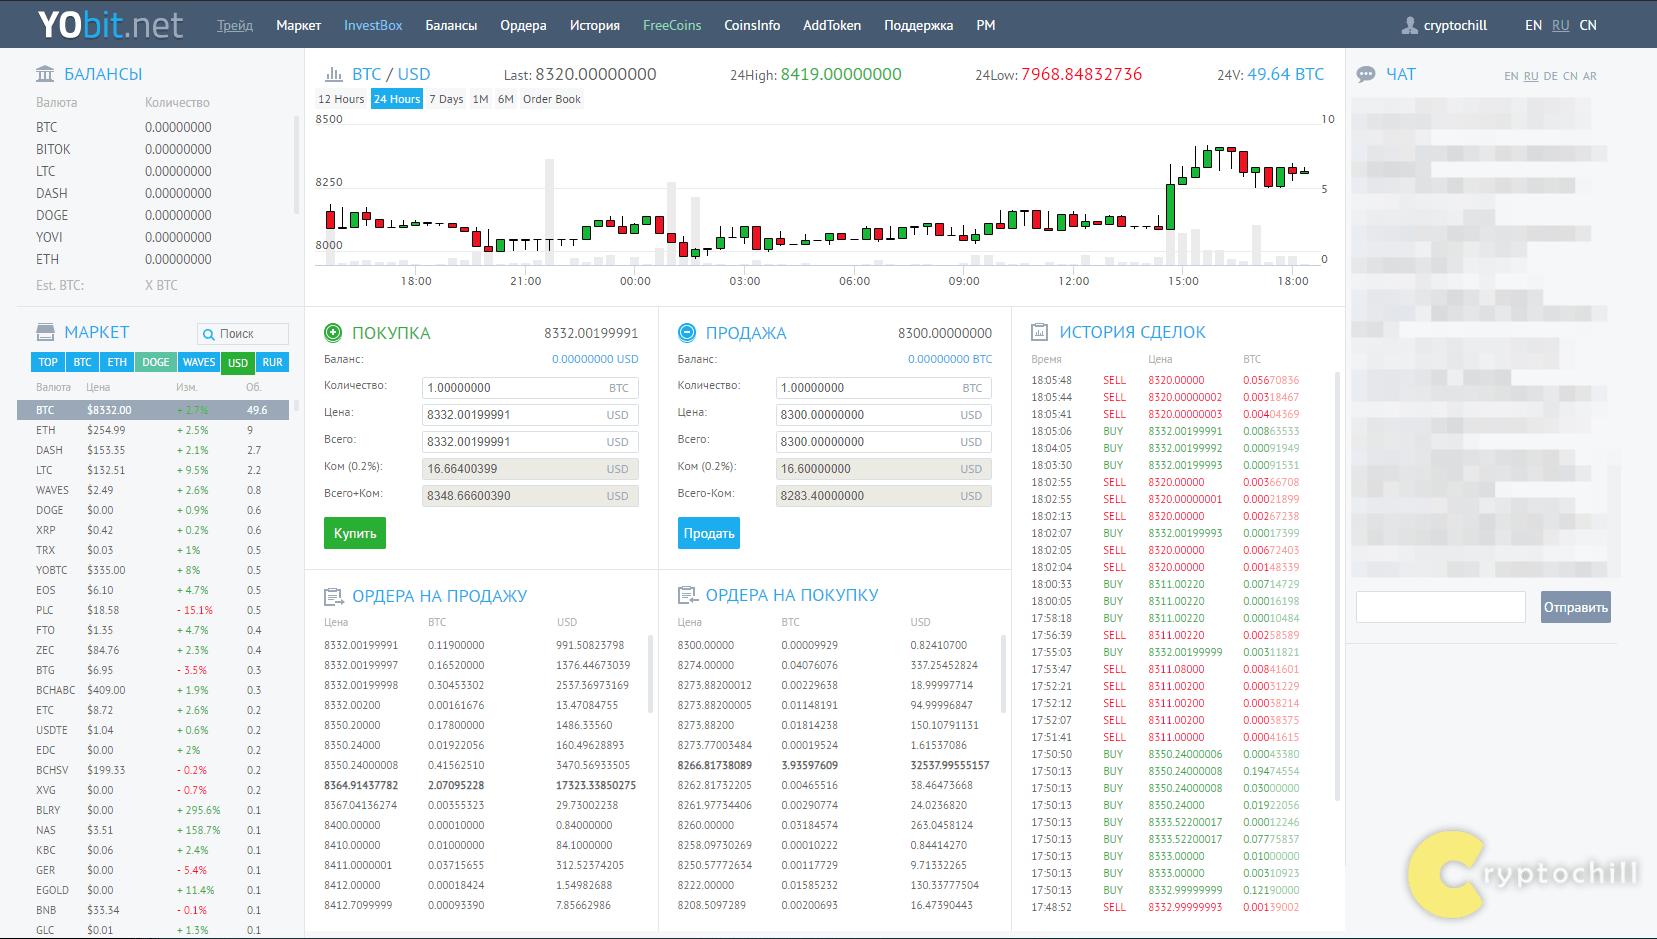 Криптовалютная биржа YoBit - интерфейс